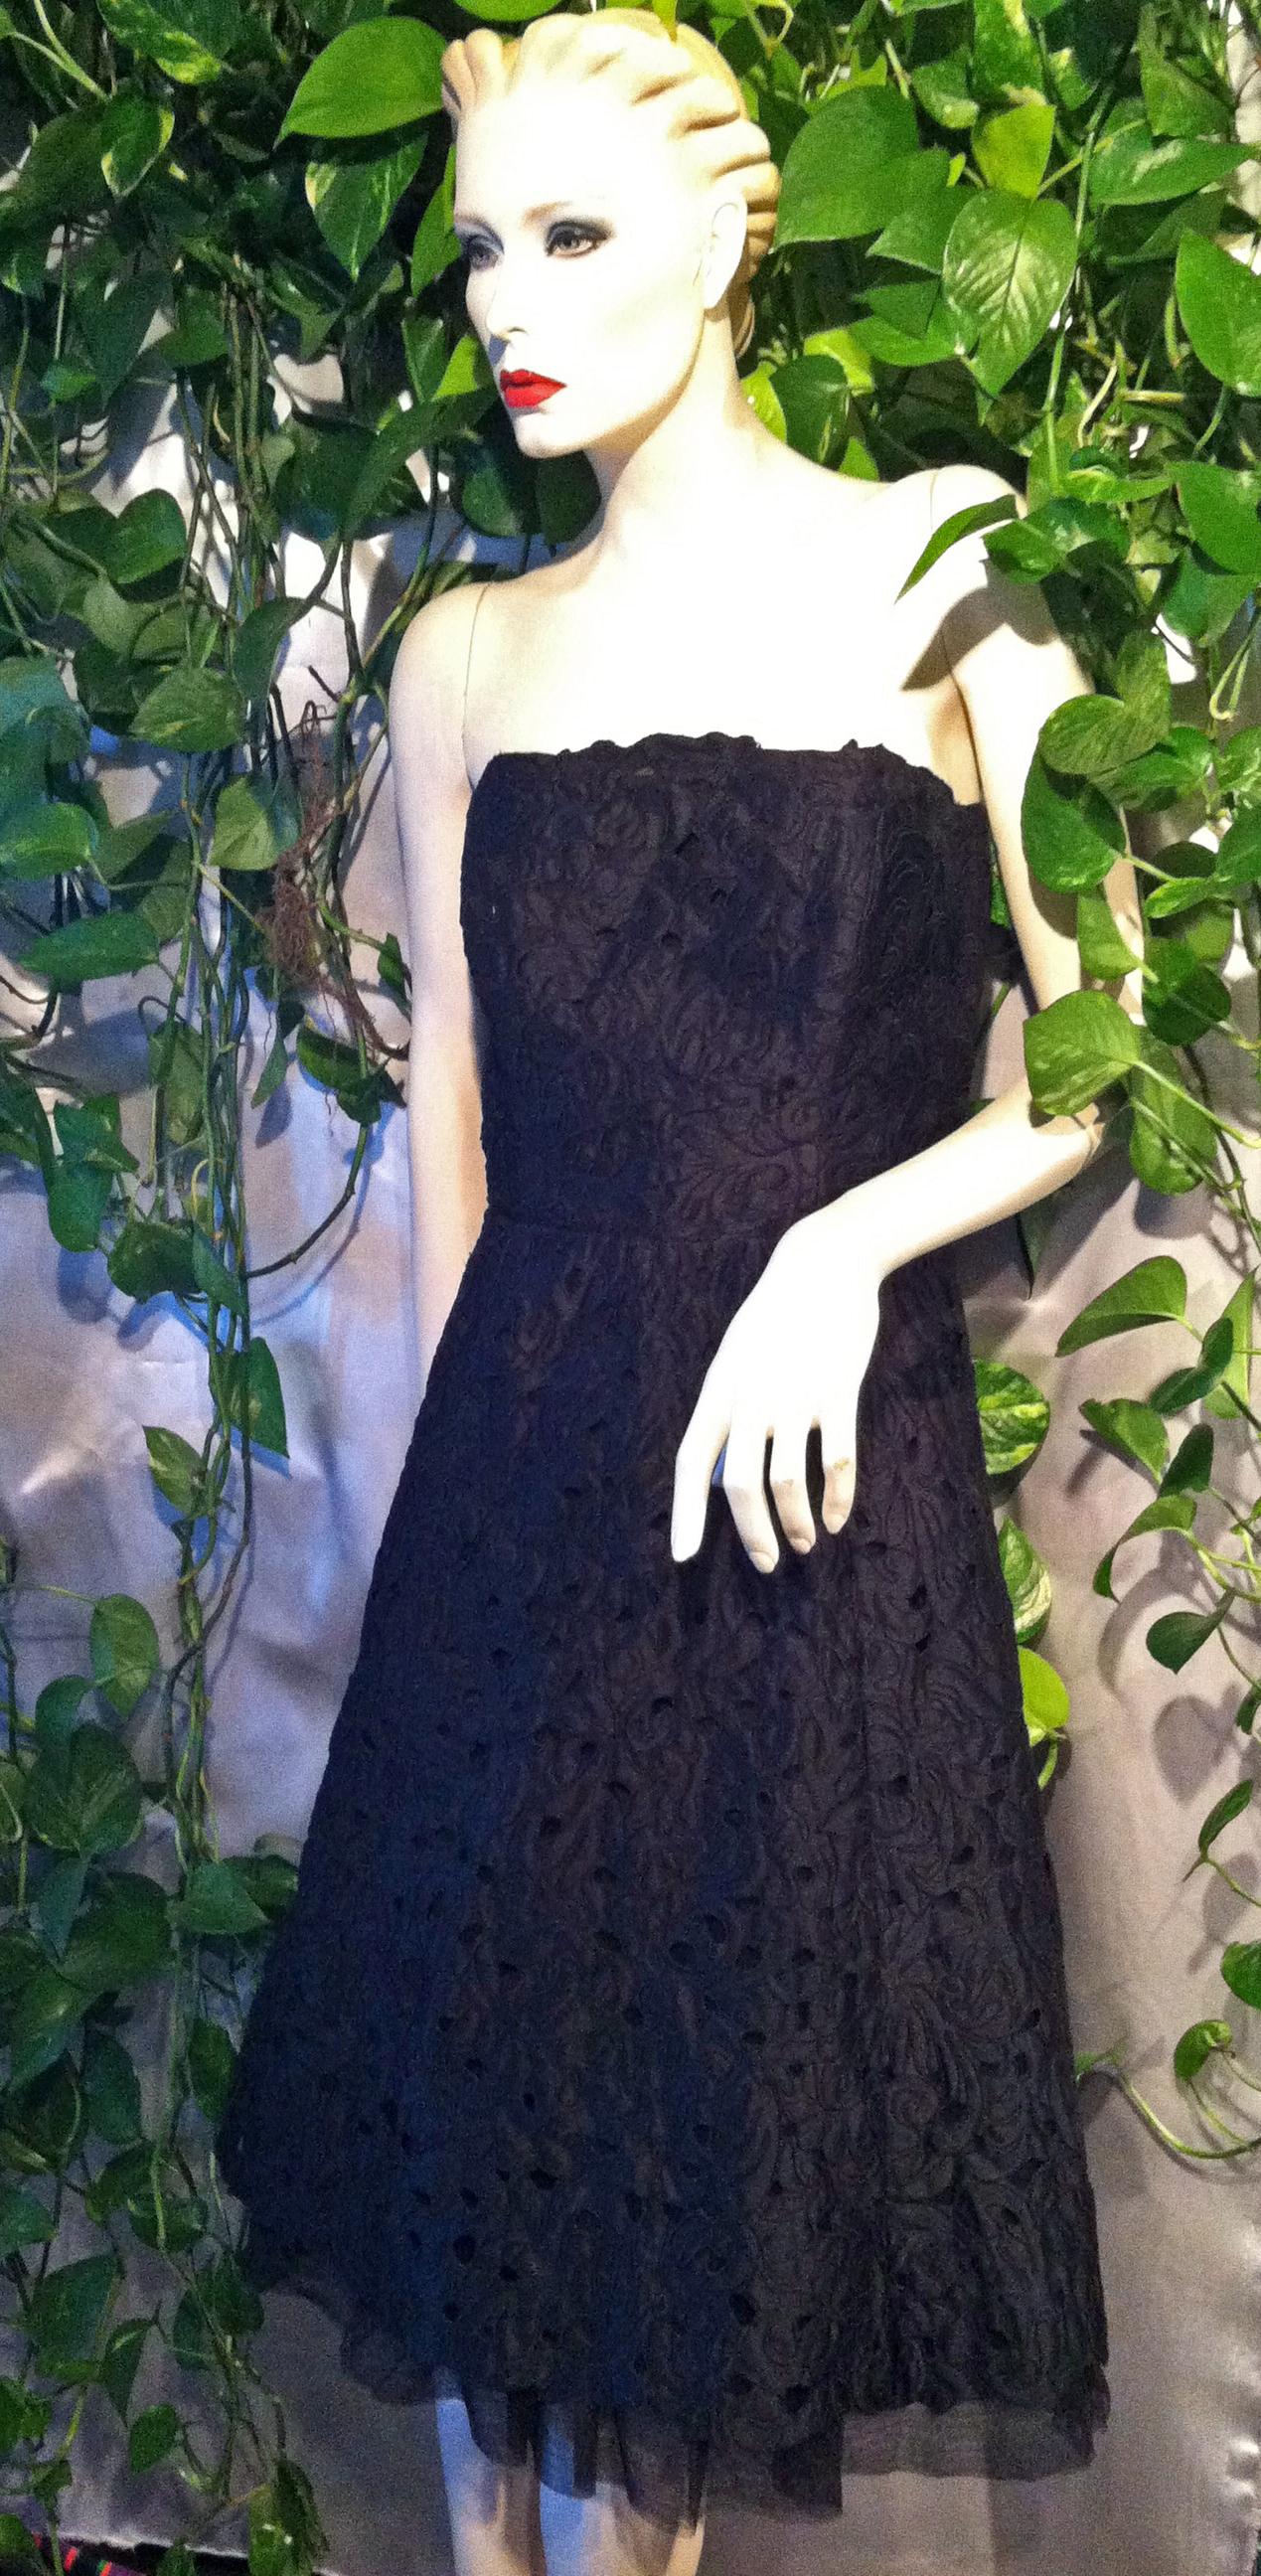 99c14ad139e Goodwill designer finds